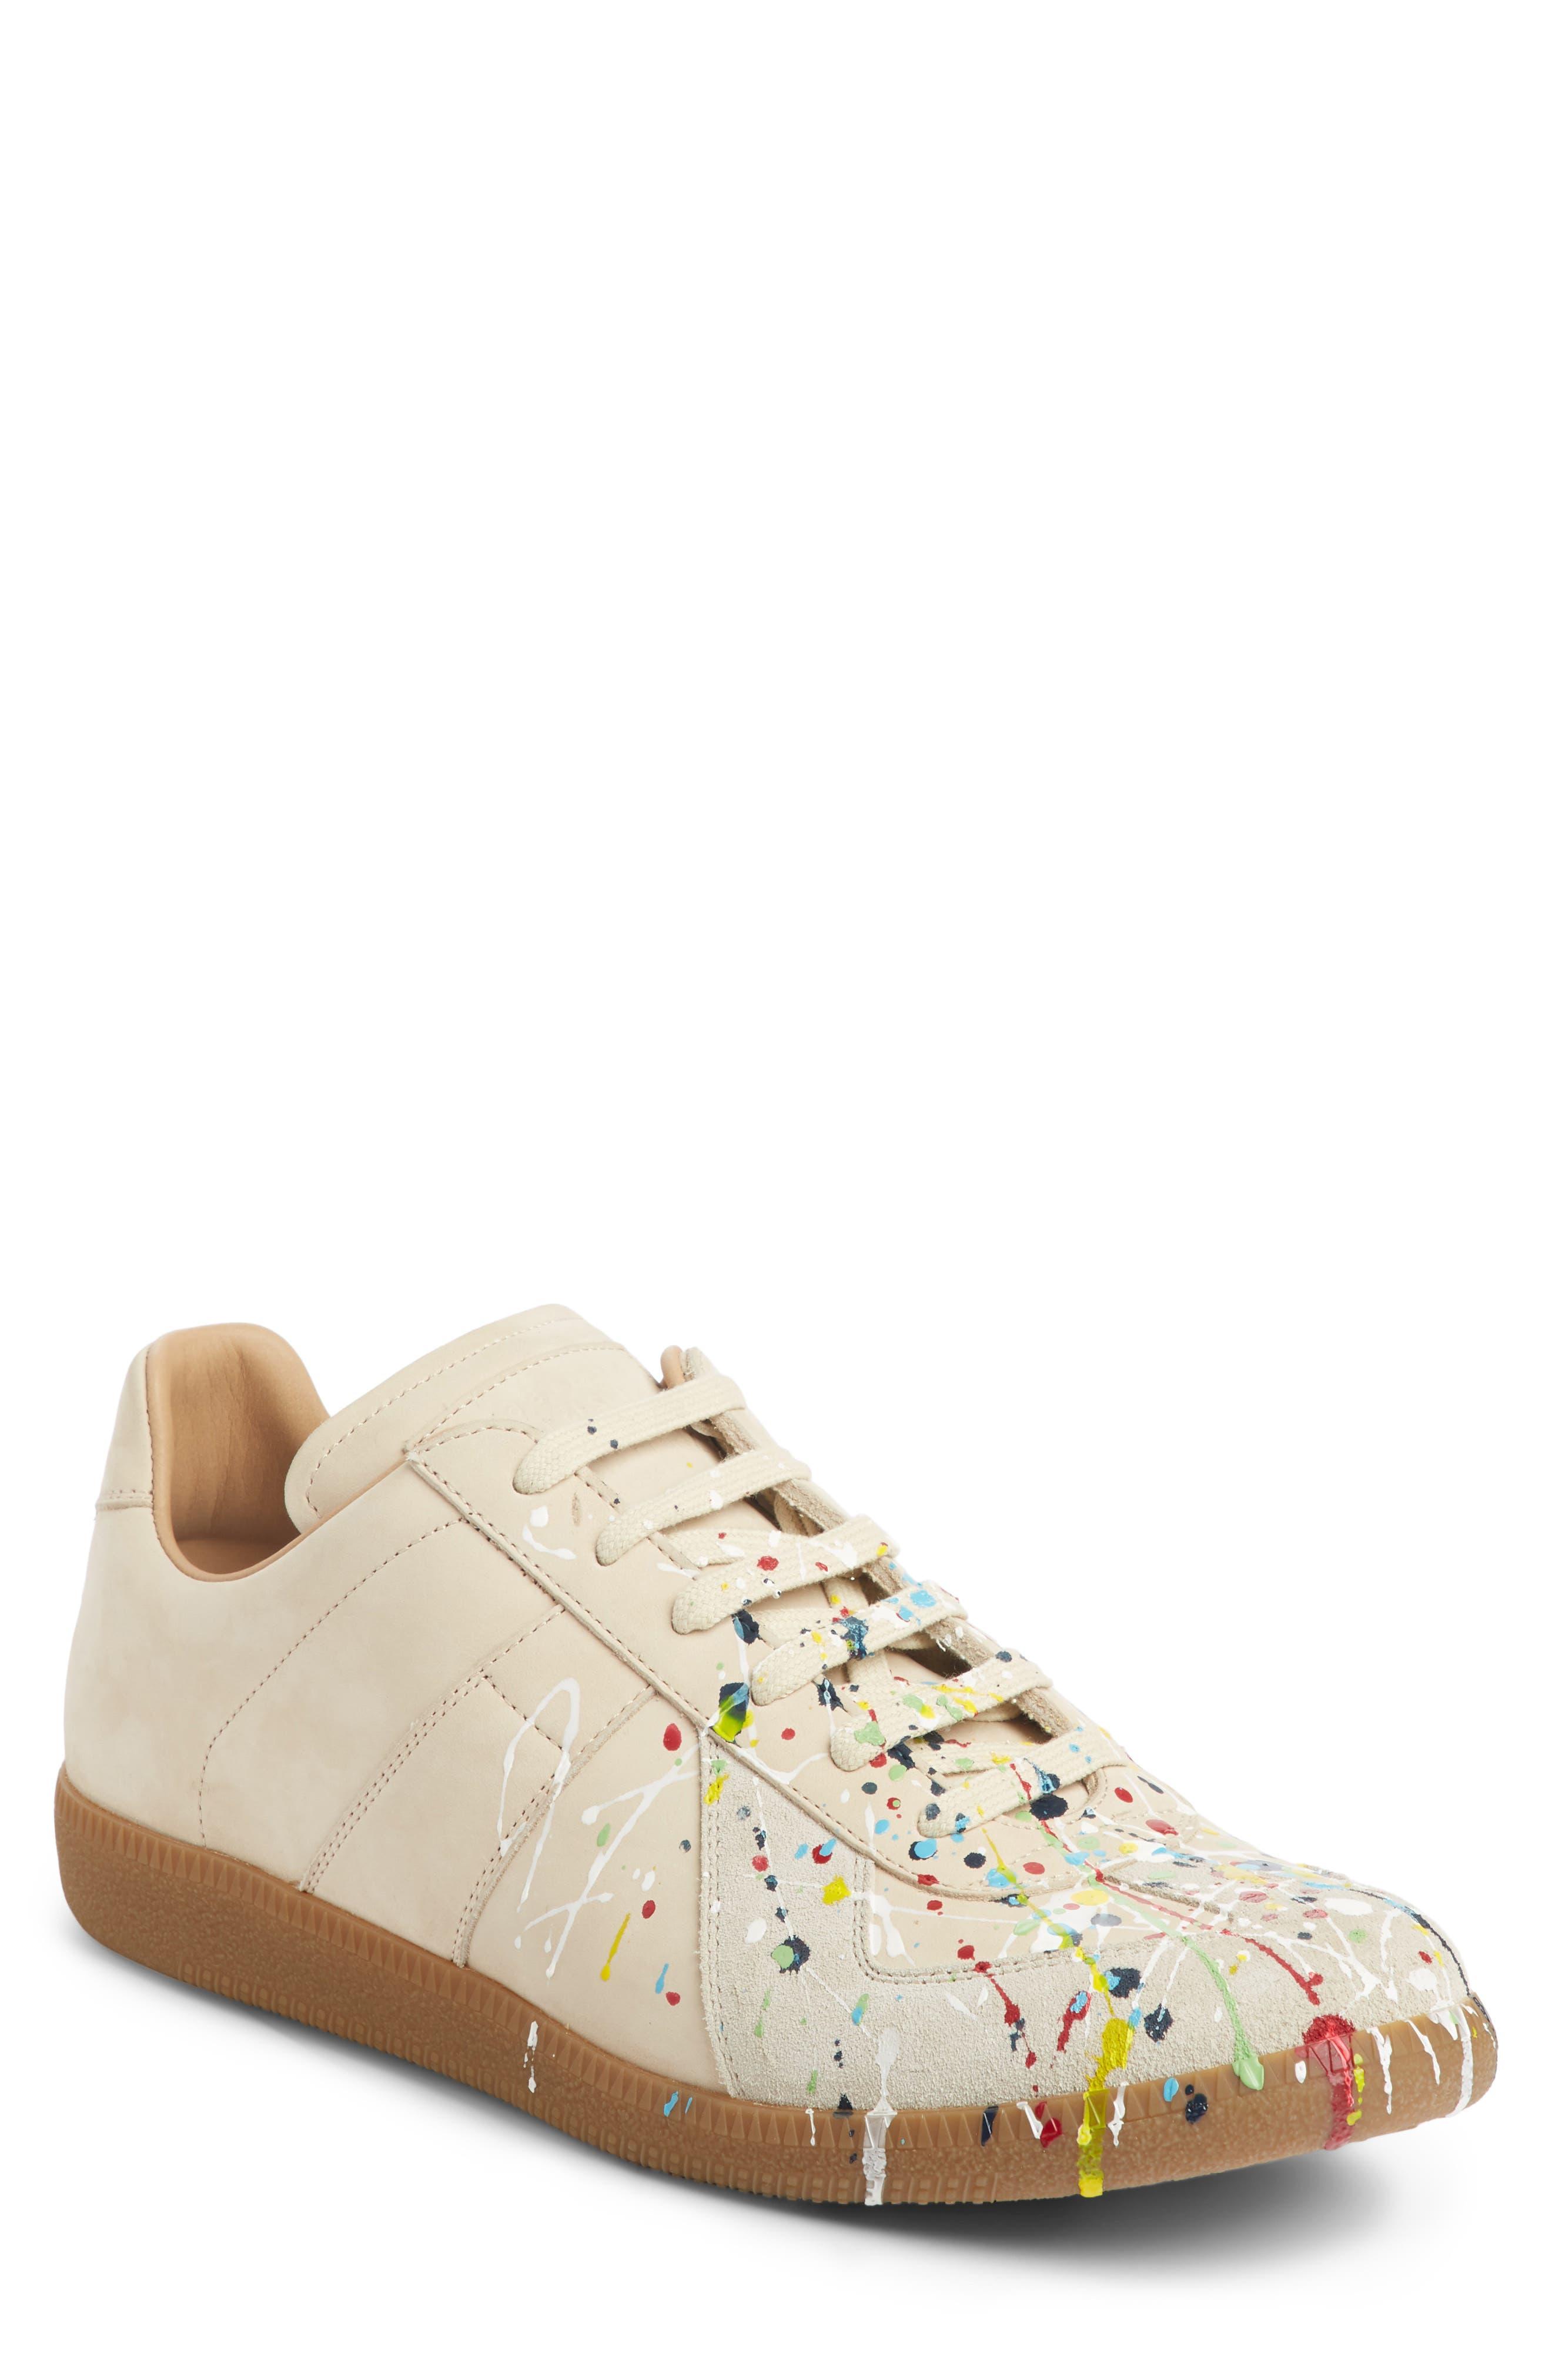 Maison Margiela Replica Low Top Sneaker,                             Main thumbnail 1, color,                             BEIGE / PAINT